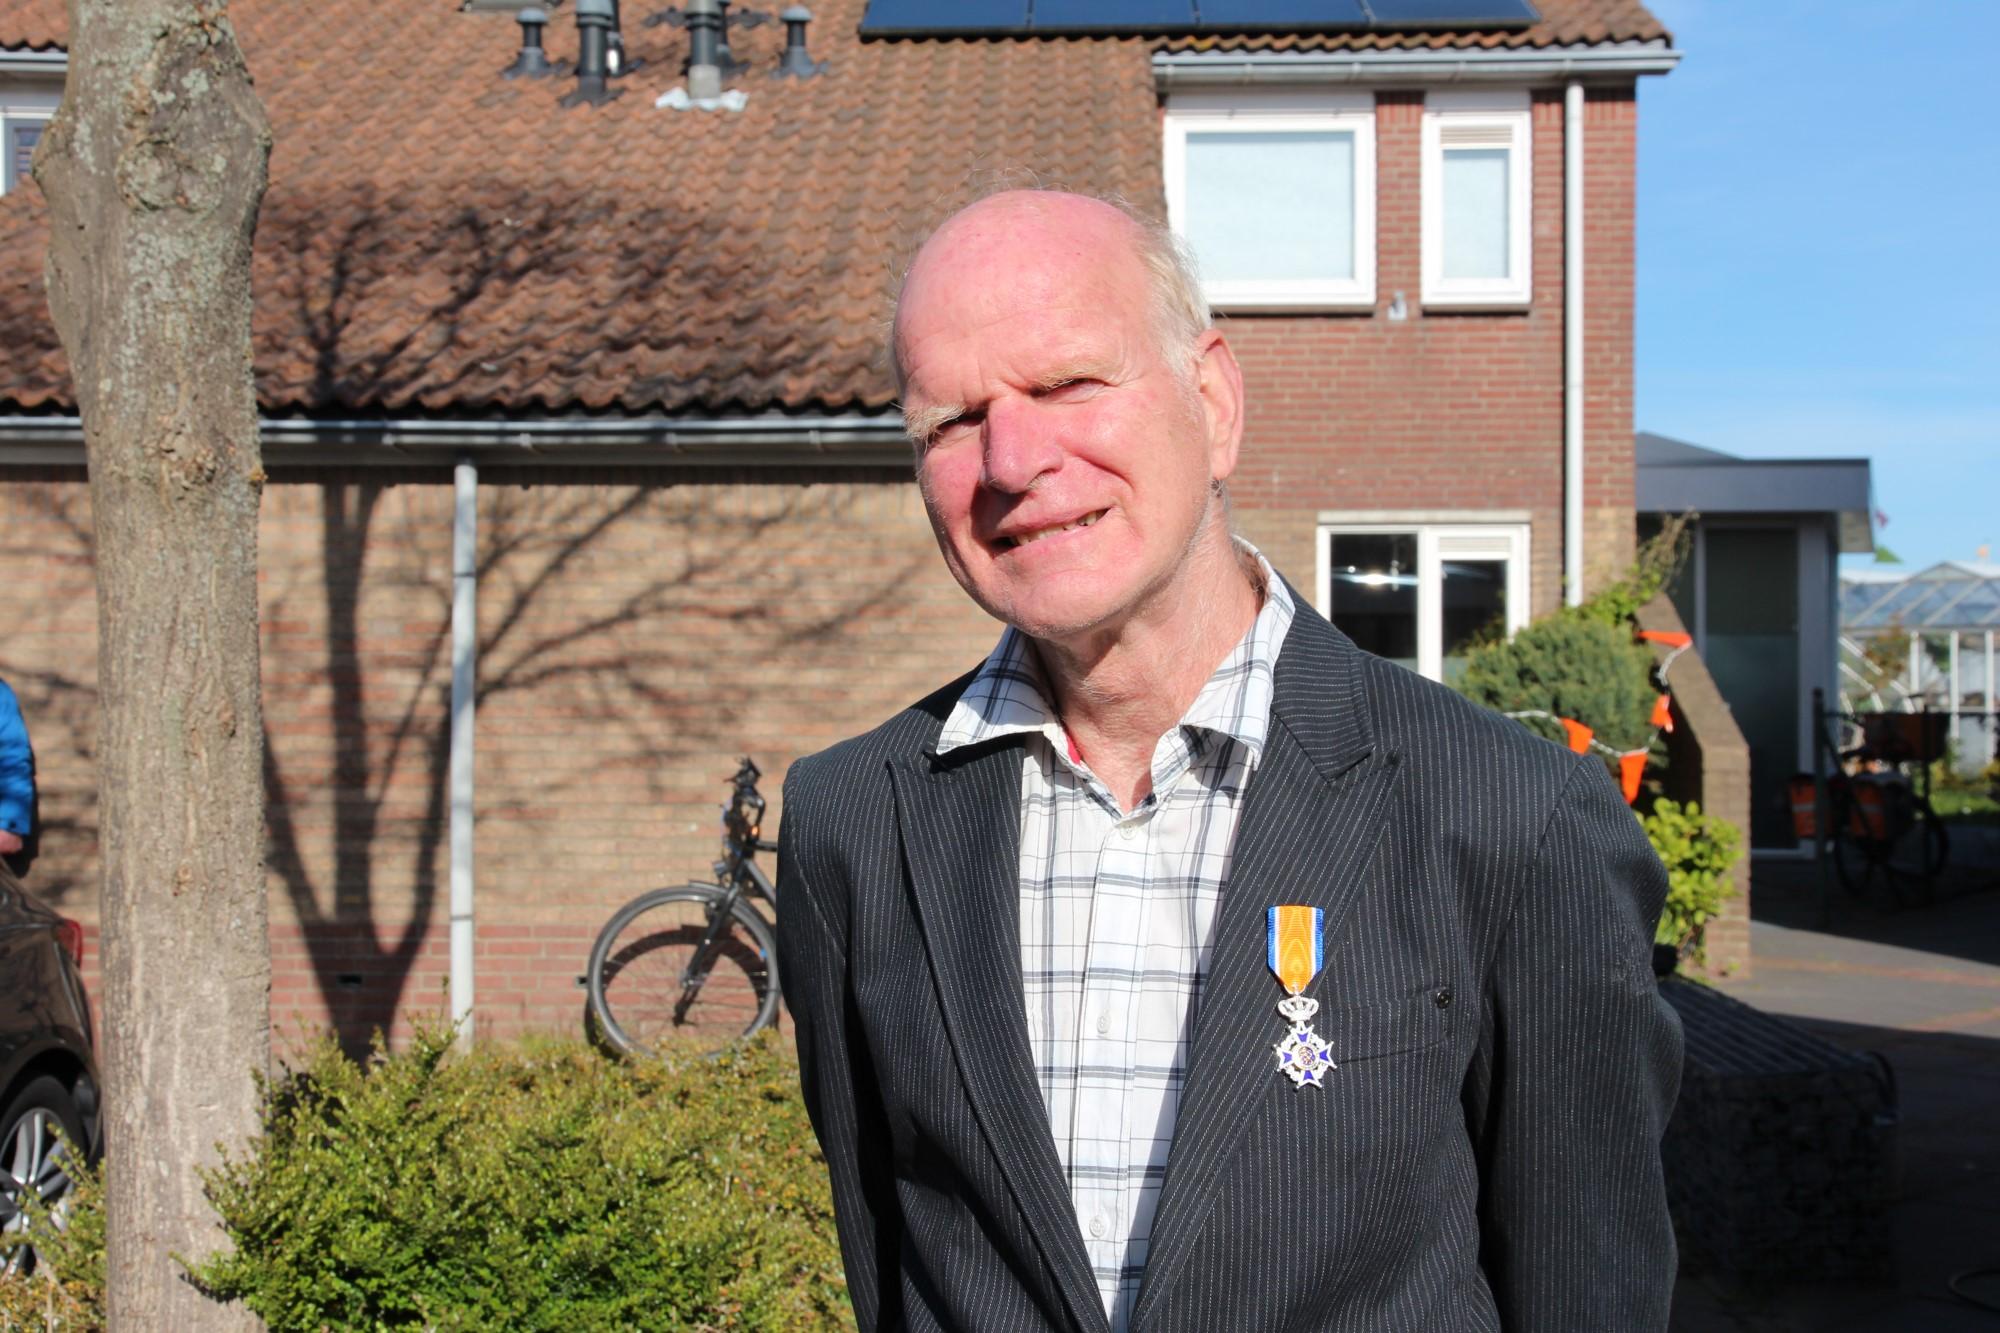 Onze Andre van Wingerden, supervrijwilliger, geridderd!